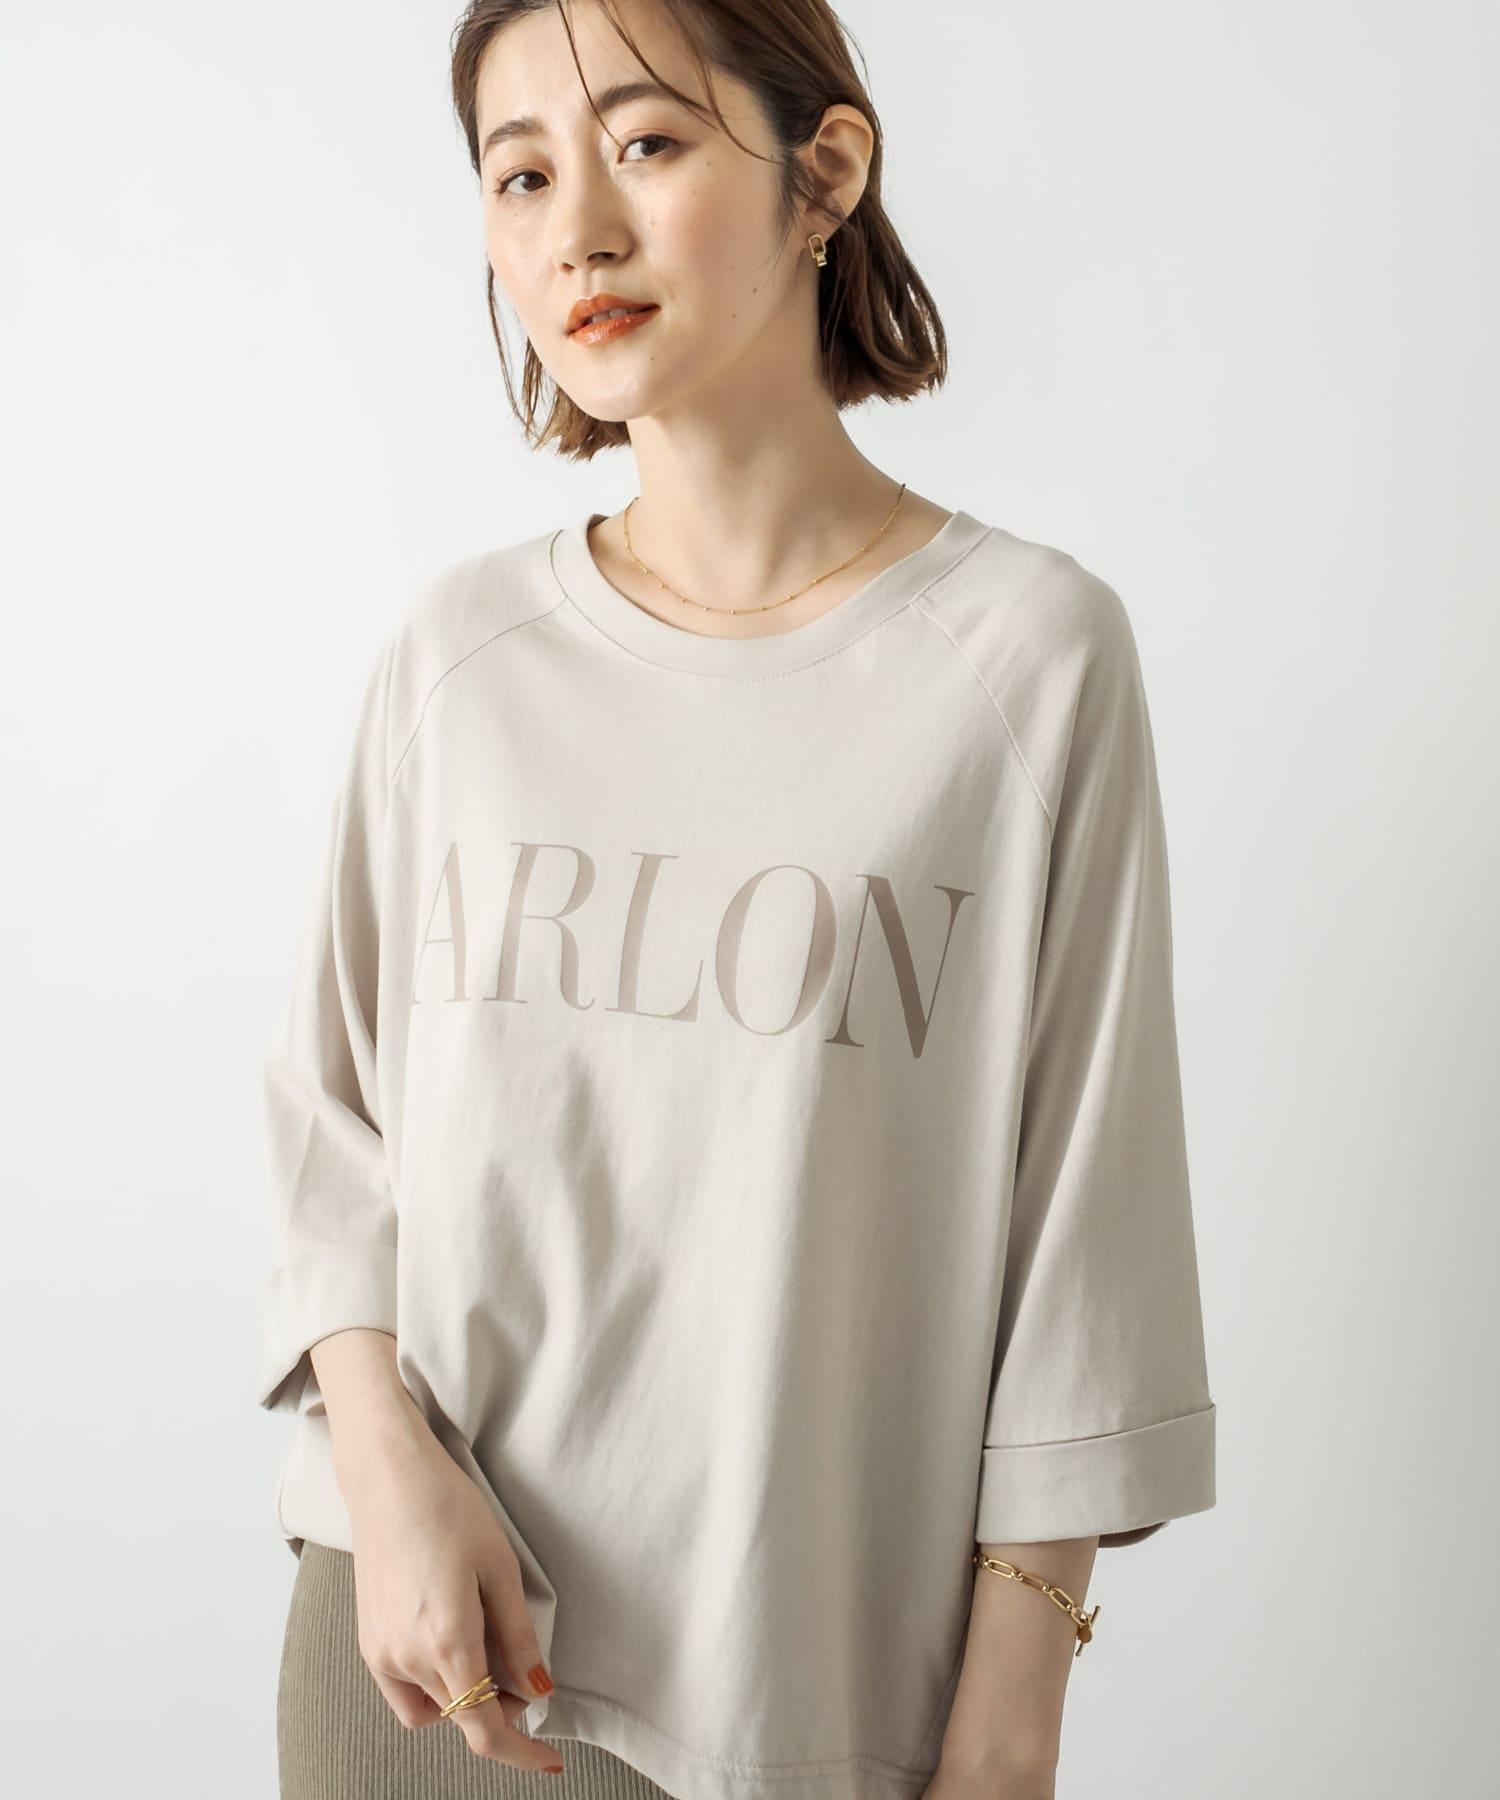 RIVE DROITE(リヴドロワ) 【リラックスした大人のロゴT】ARLONTシャツ